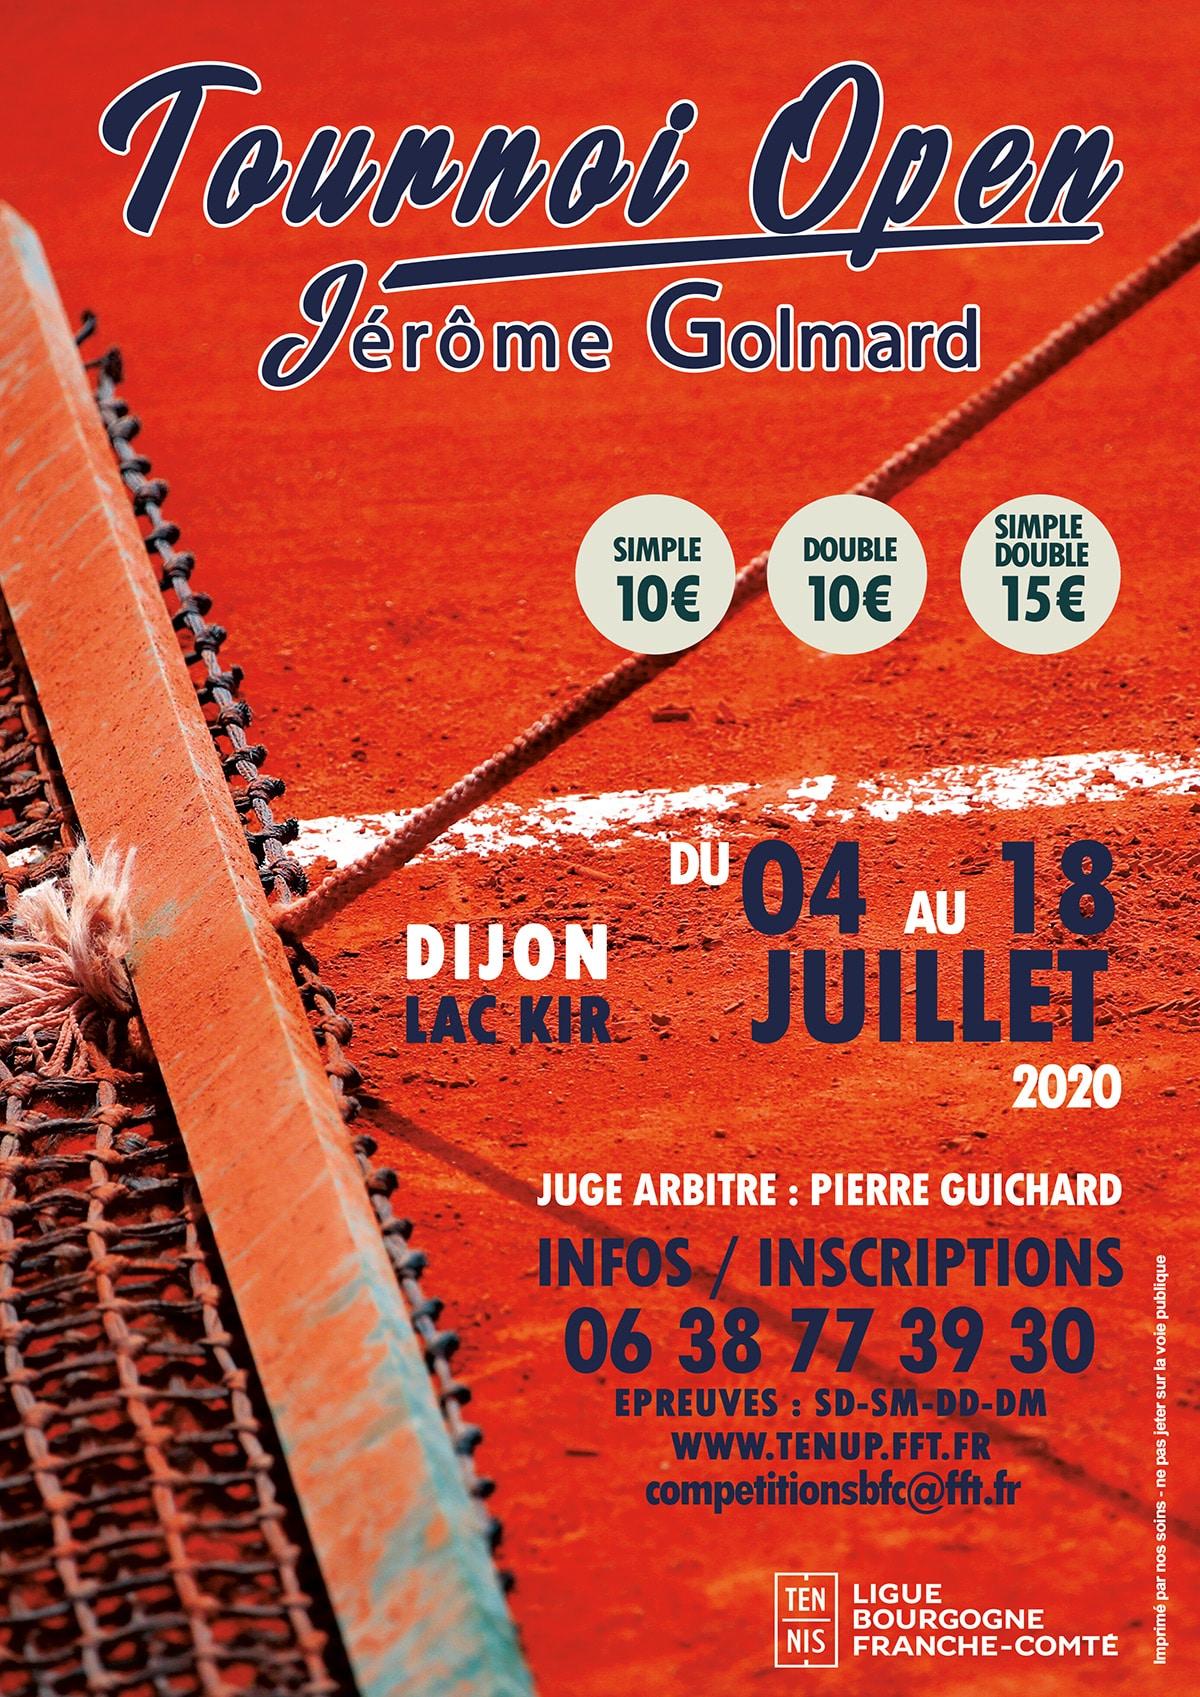 Tournoi Open Seniors Jerome Golmard 2020